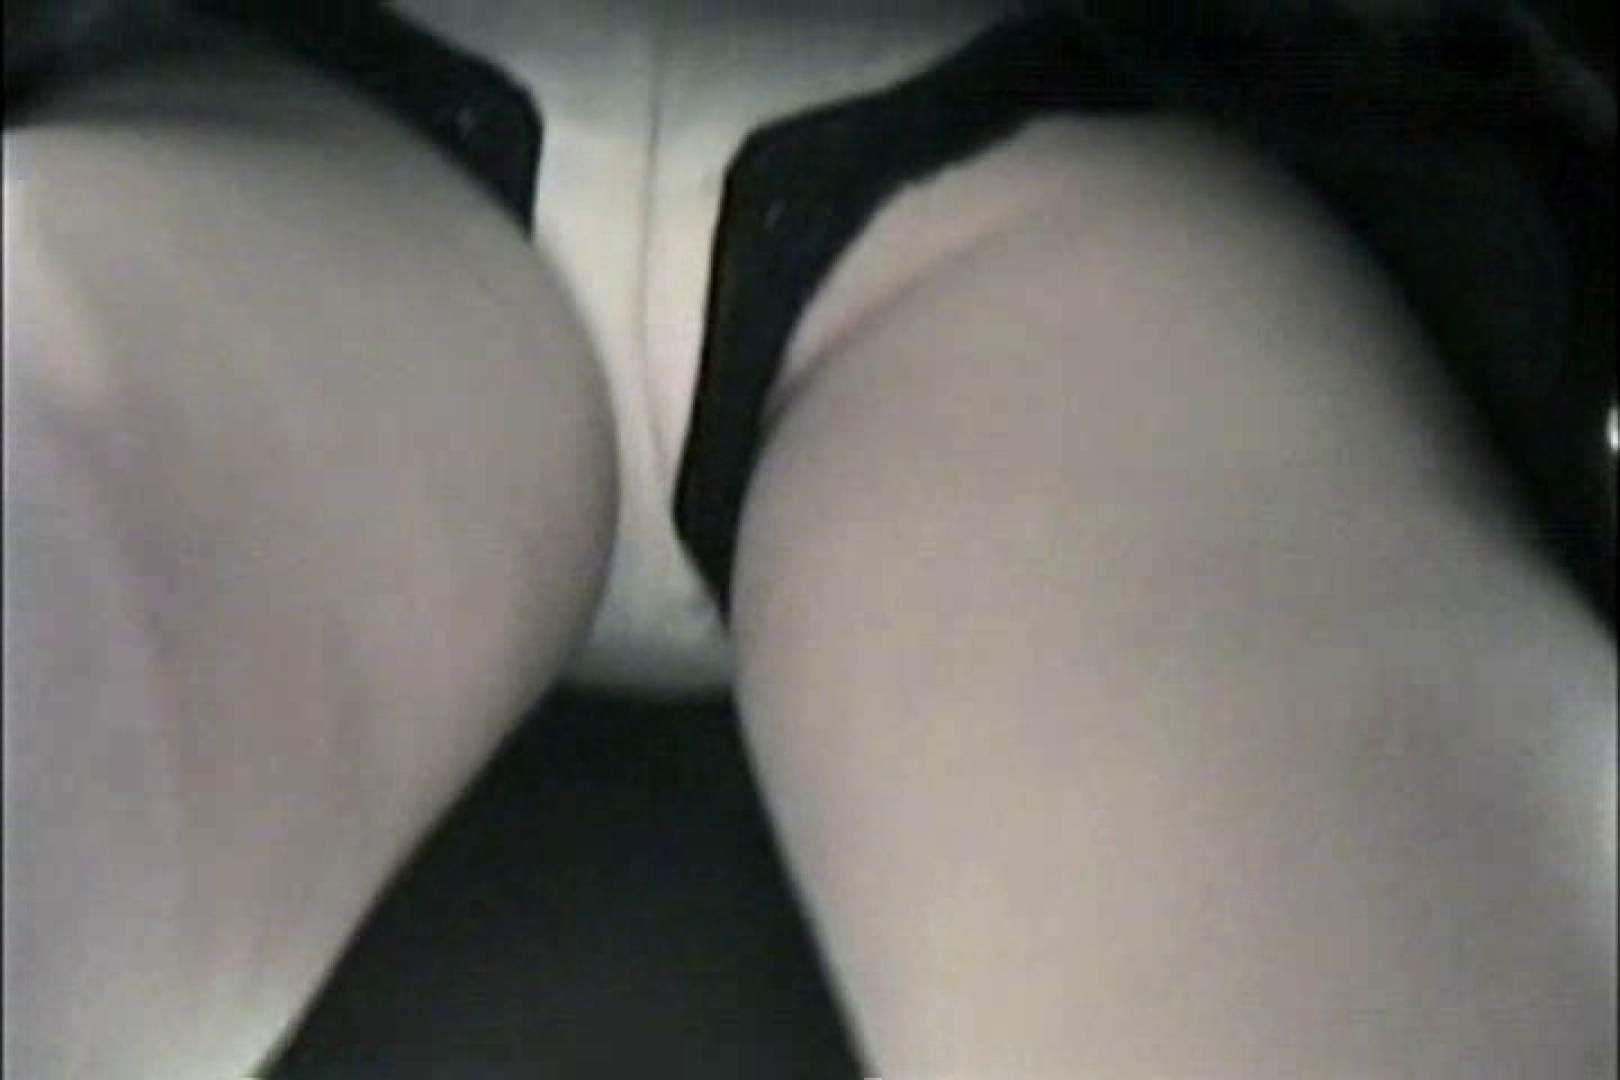 カメラぶっこみ!パンチラ奪取!!Vol.6 美しいOLの裸体 おまんこ無修正動画無料 87pic 41